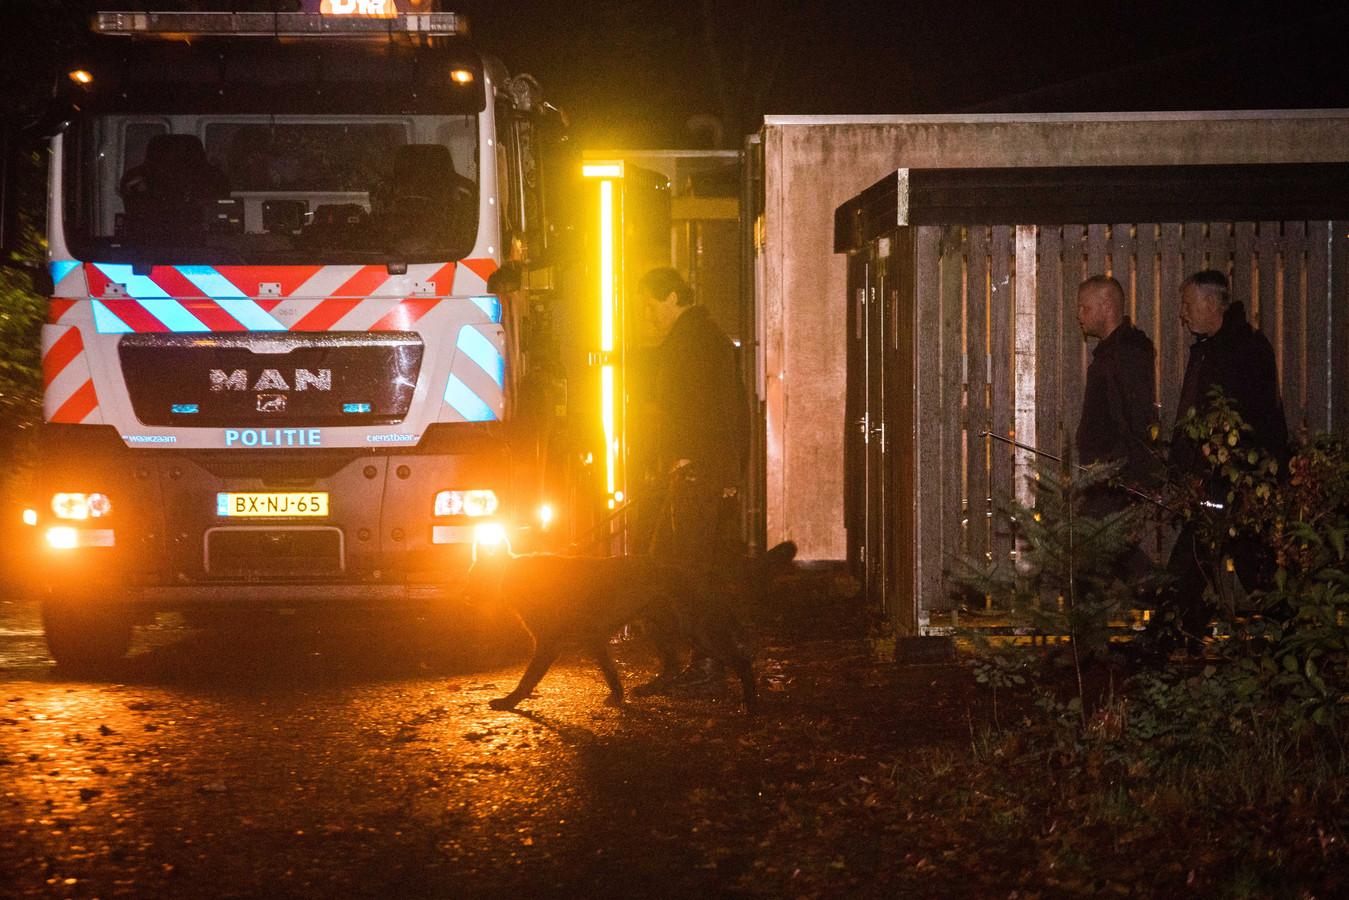 De politie doet onderzoek rondom de forensisch psychiatrische kliniek Altrecht Aventurijn. De 27-jarige man die is aangehouden in verband met de vermissing van Anne Faber (25) uit Utrecht, zat in de psychiatrische kliniek.